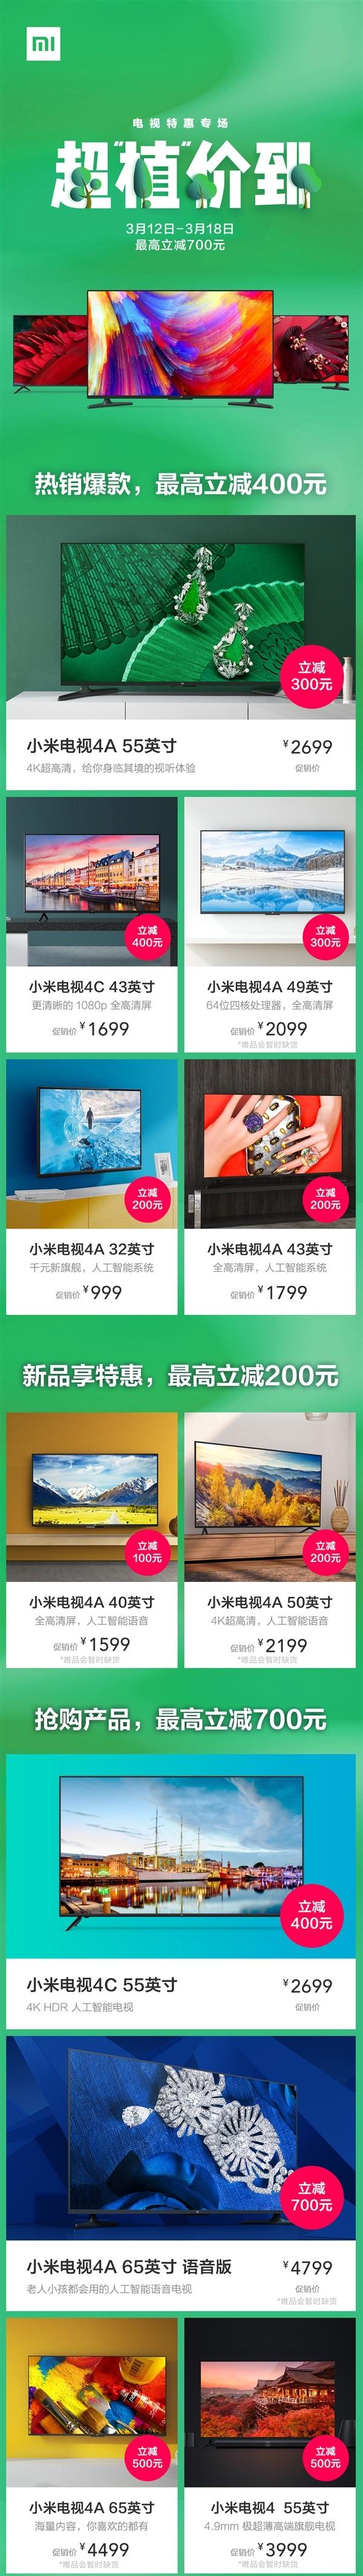 Xiaomi Mi TV 4A Price